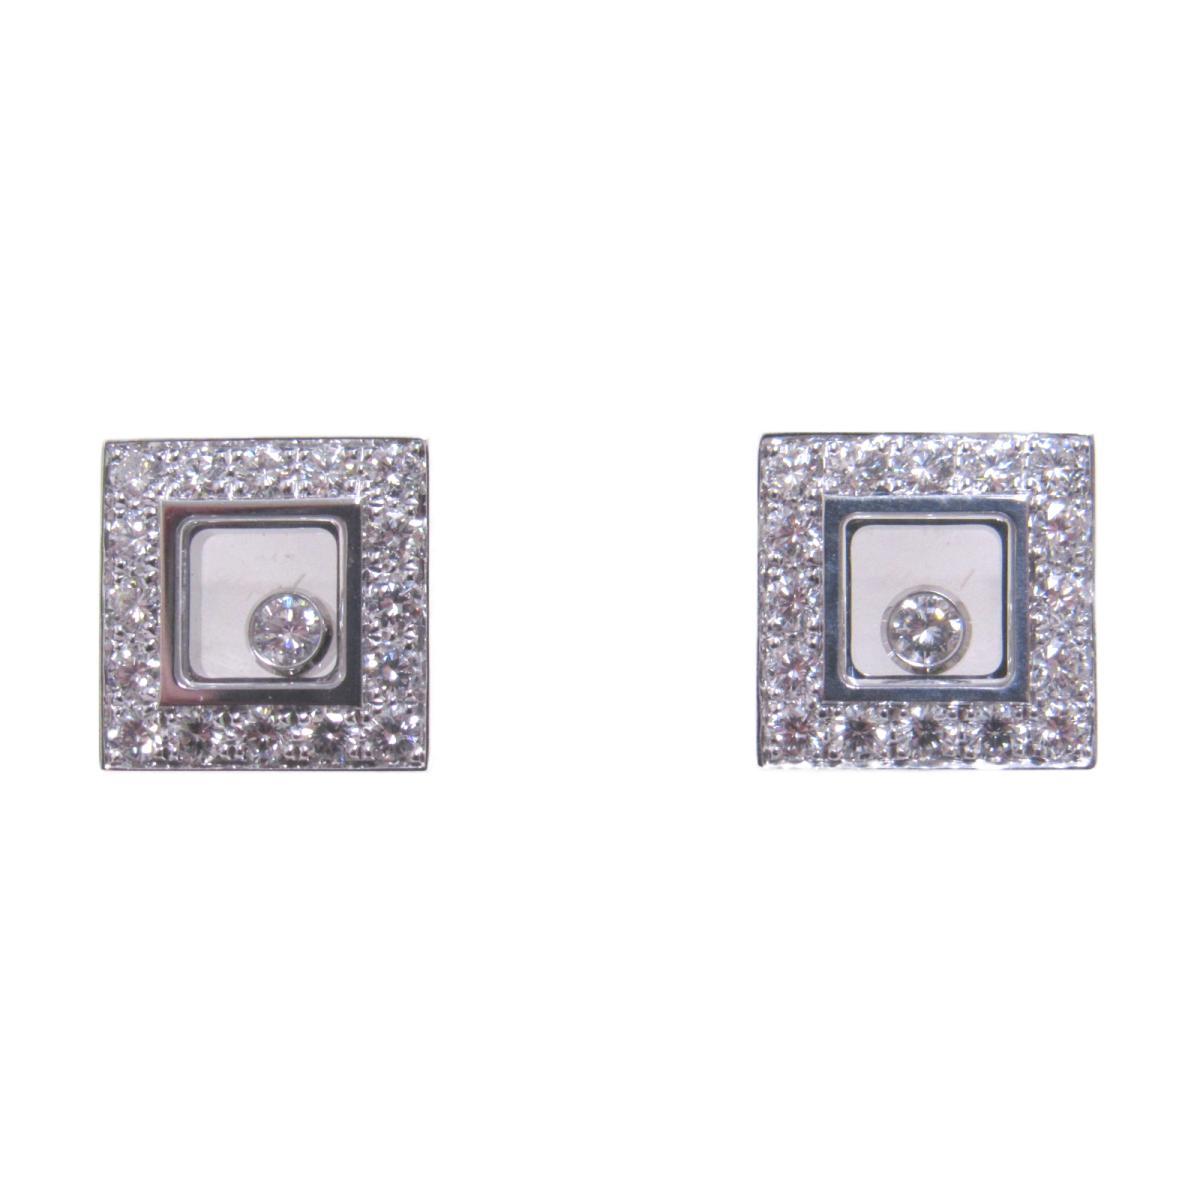 【中古】 ショパール ハッピーダイヤモンド ピアス レディース K18WG (750) ホワイトゴールド (83-2896-20)   Chopard BRANDOFF ブランドオフ ブランド アクセサリー